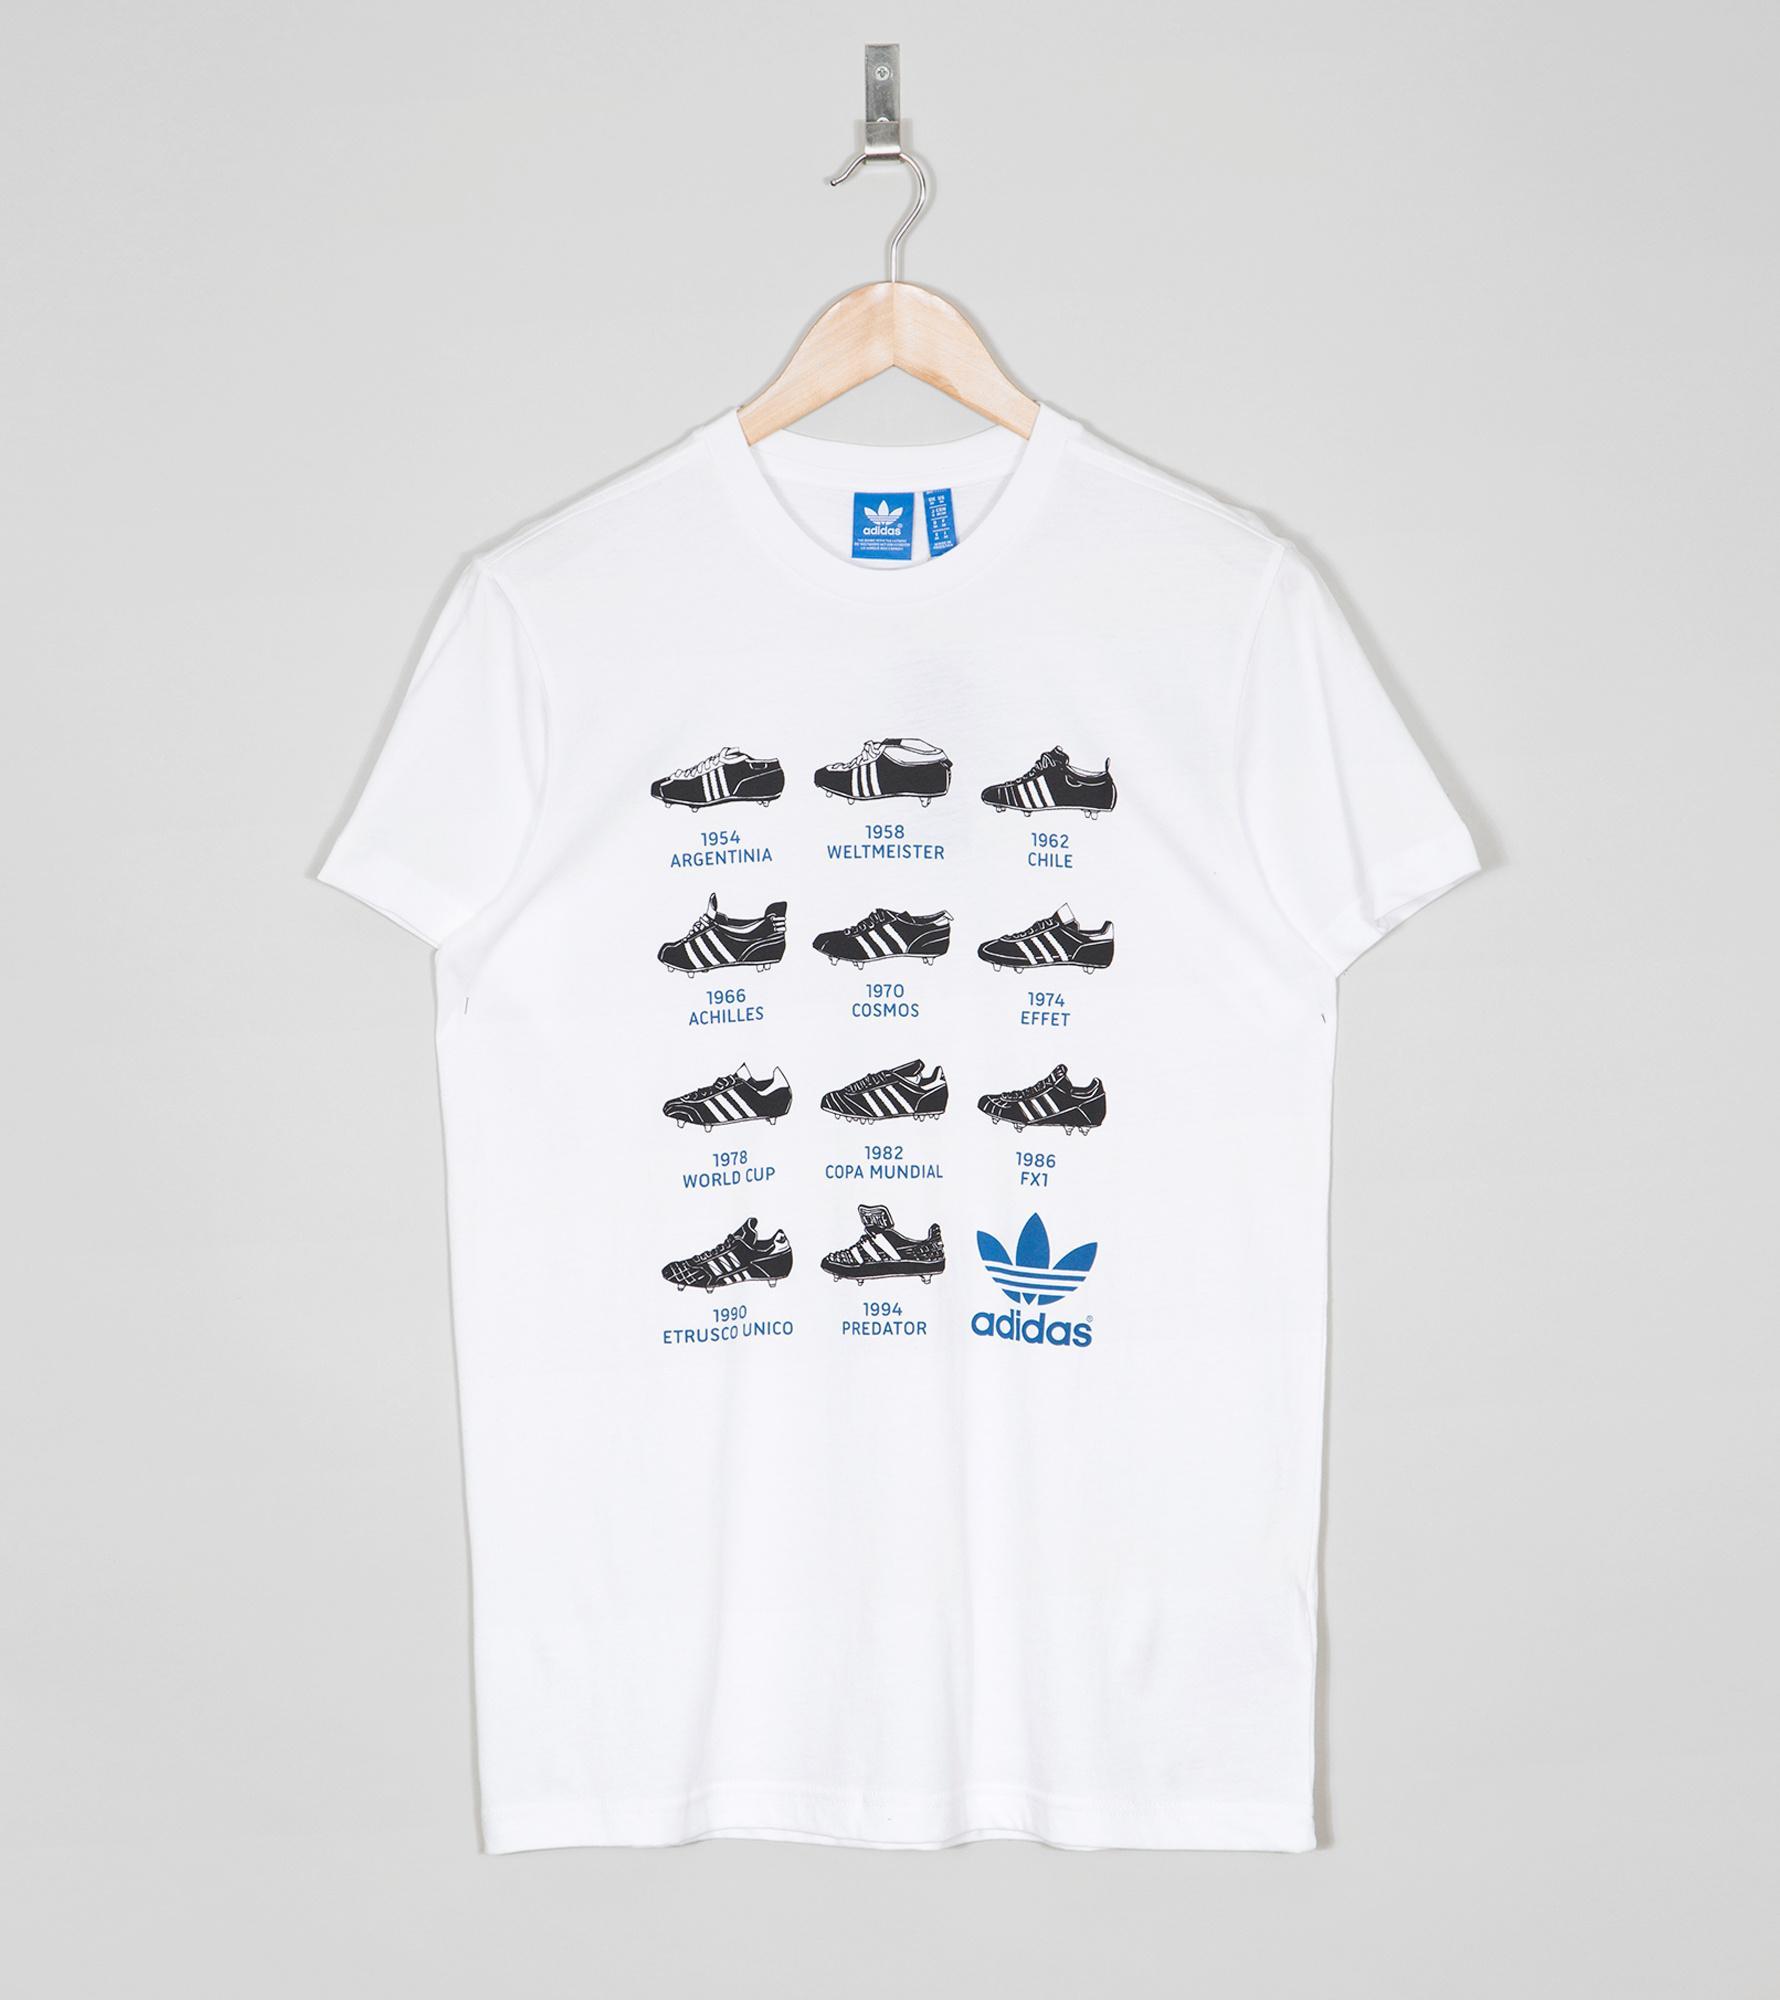 adidas boot history t shirt